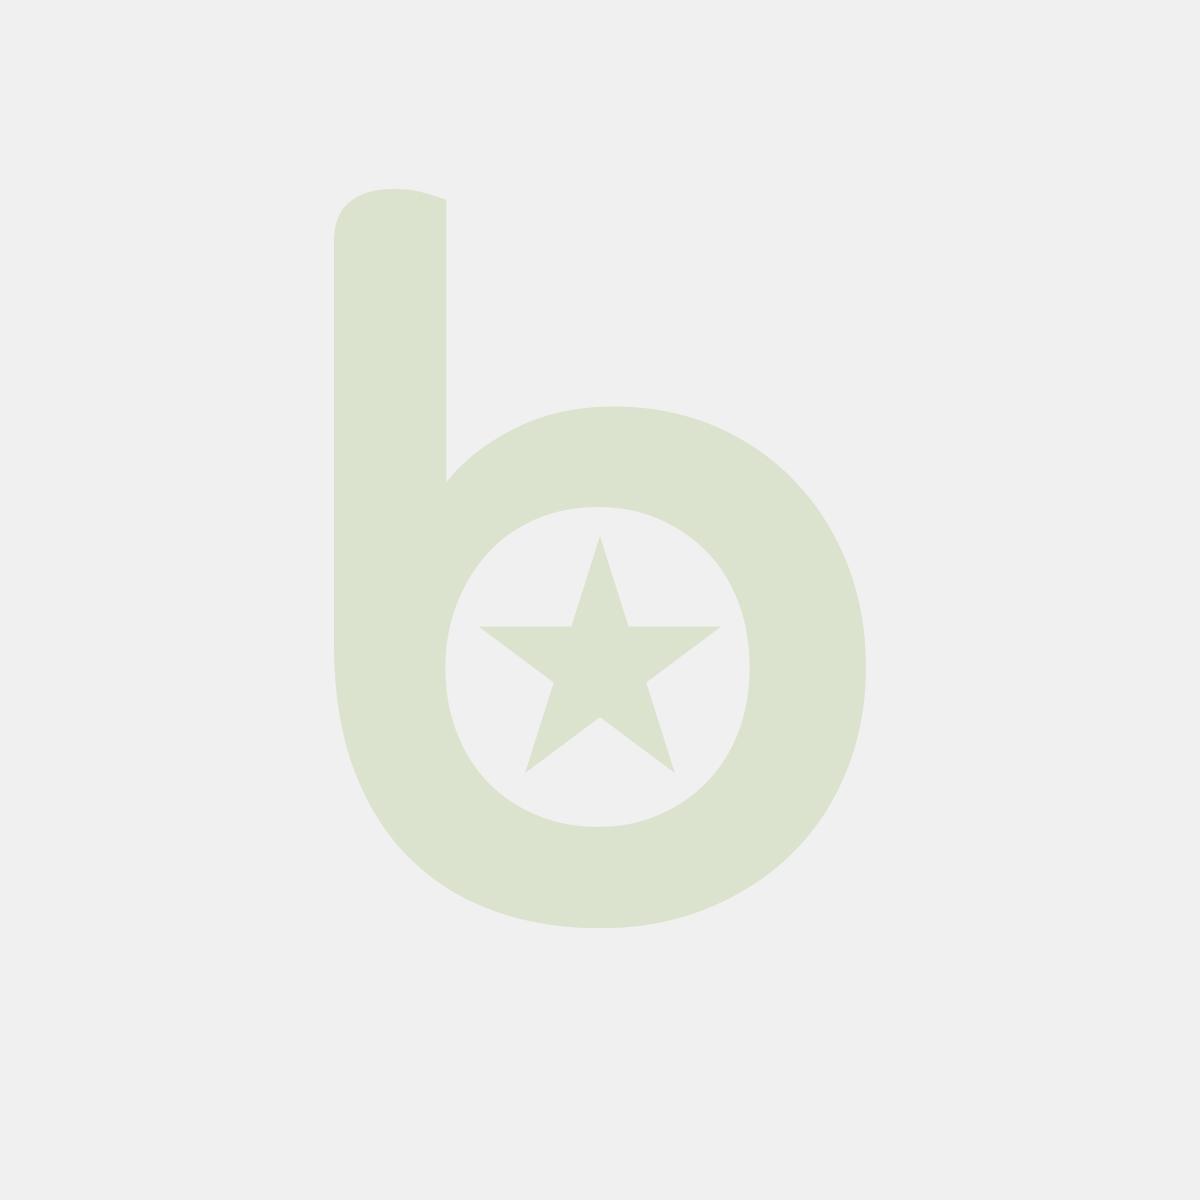 Łyżka jednorazowa - METALIZOWANA 17,5cm op.50szt